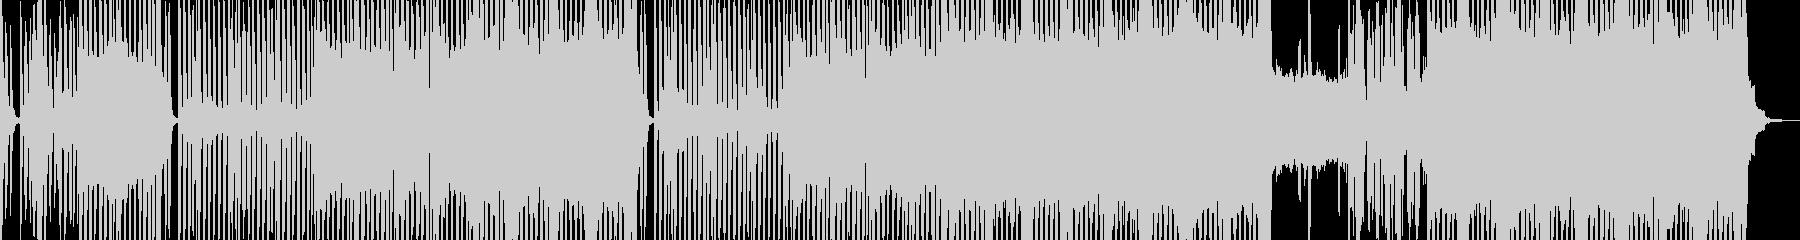 民族楽器・怪しげで恍惚なテクノ ボイス無の未再生の波形